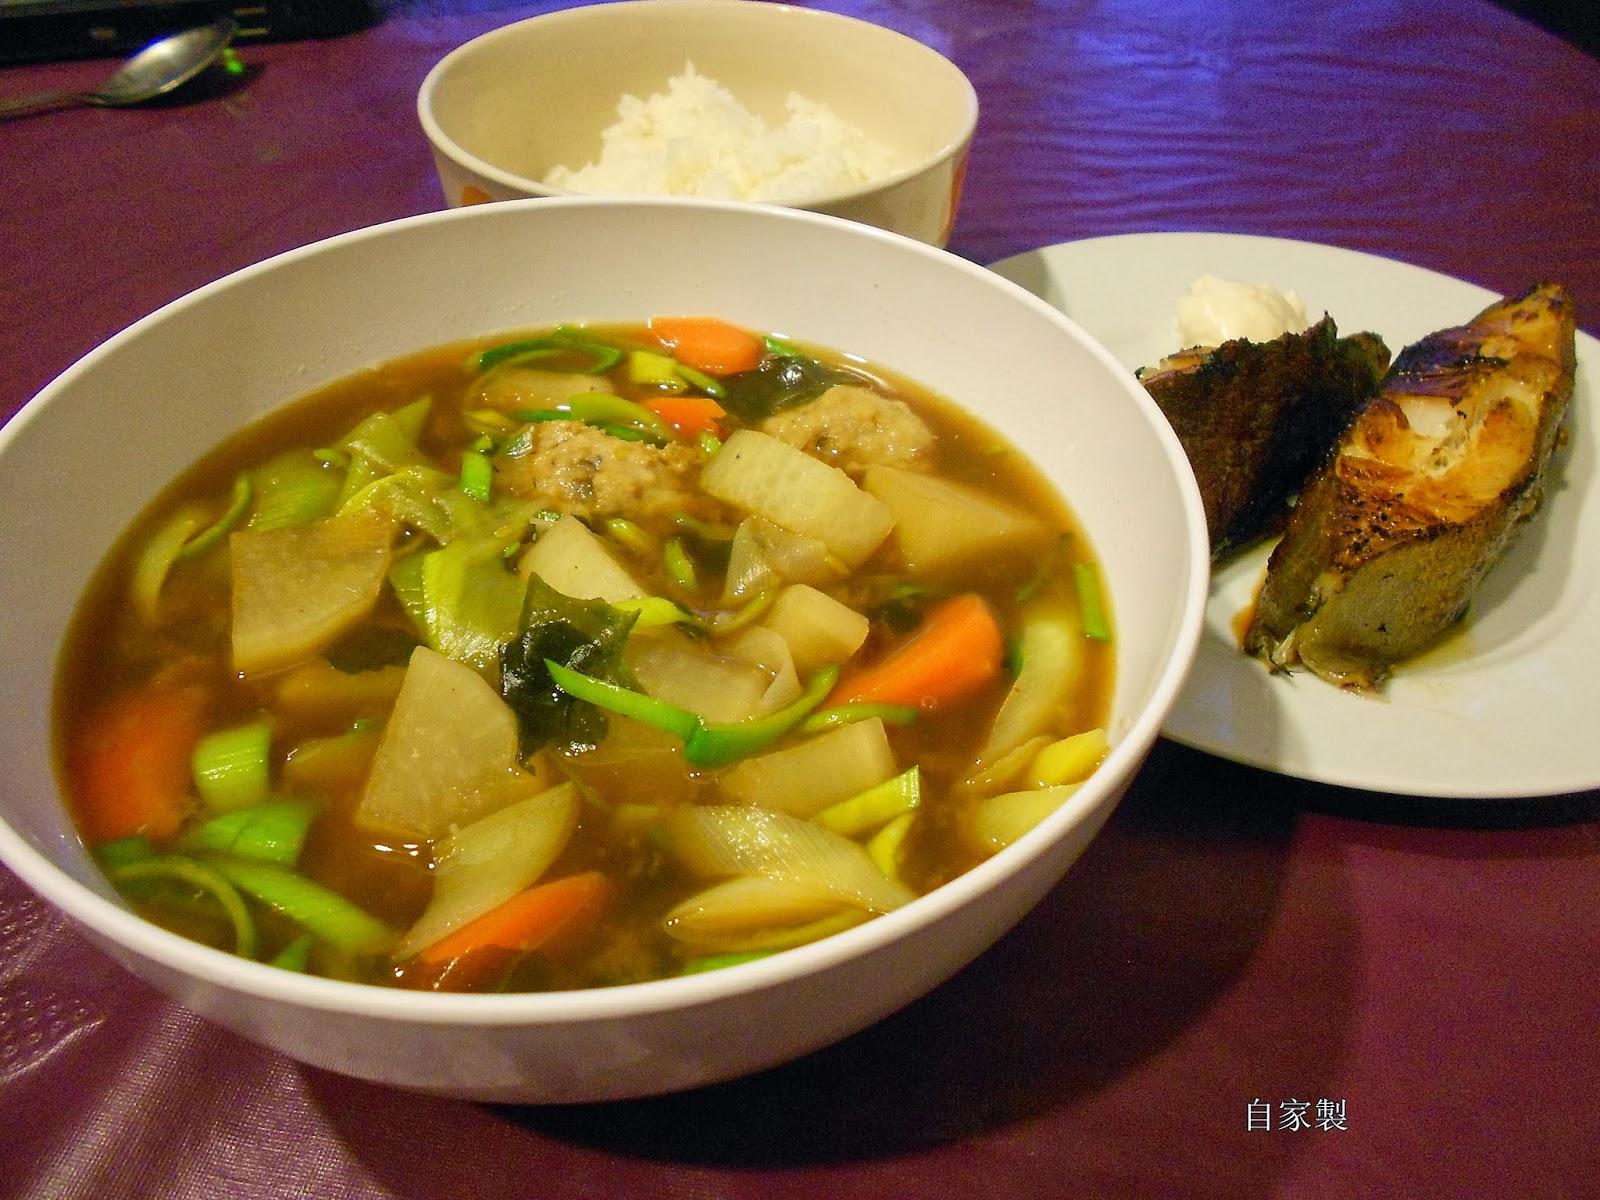 自家製: 西京燒比目魚定食